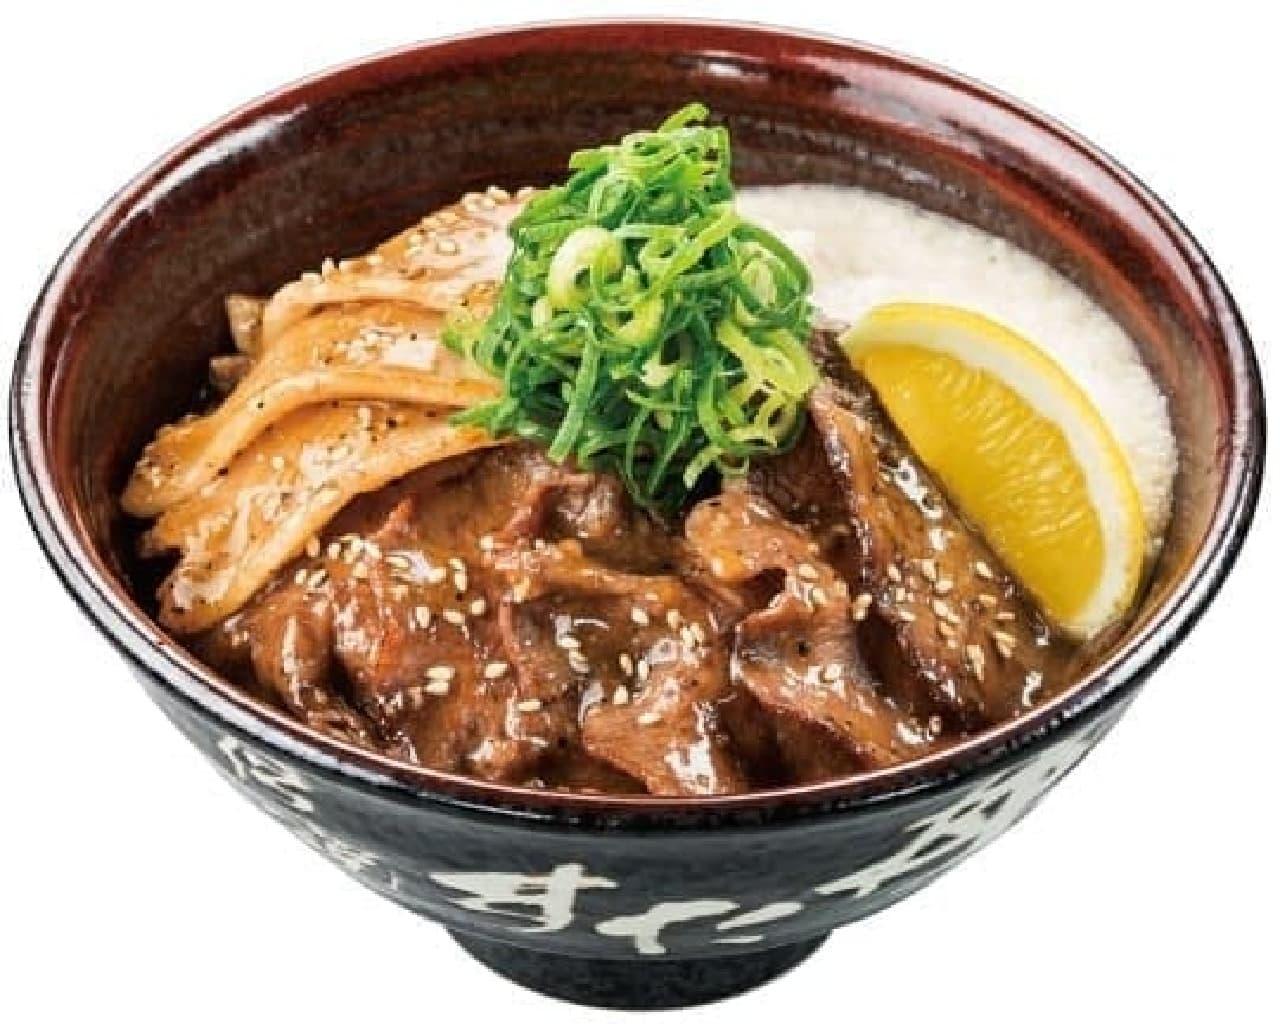 伝説のすた丼屋と名物すた丼の店の「仙台牛タン塩すた丼」